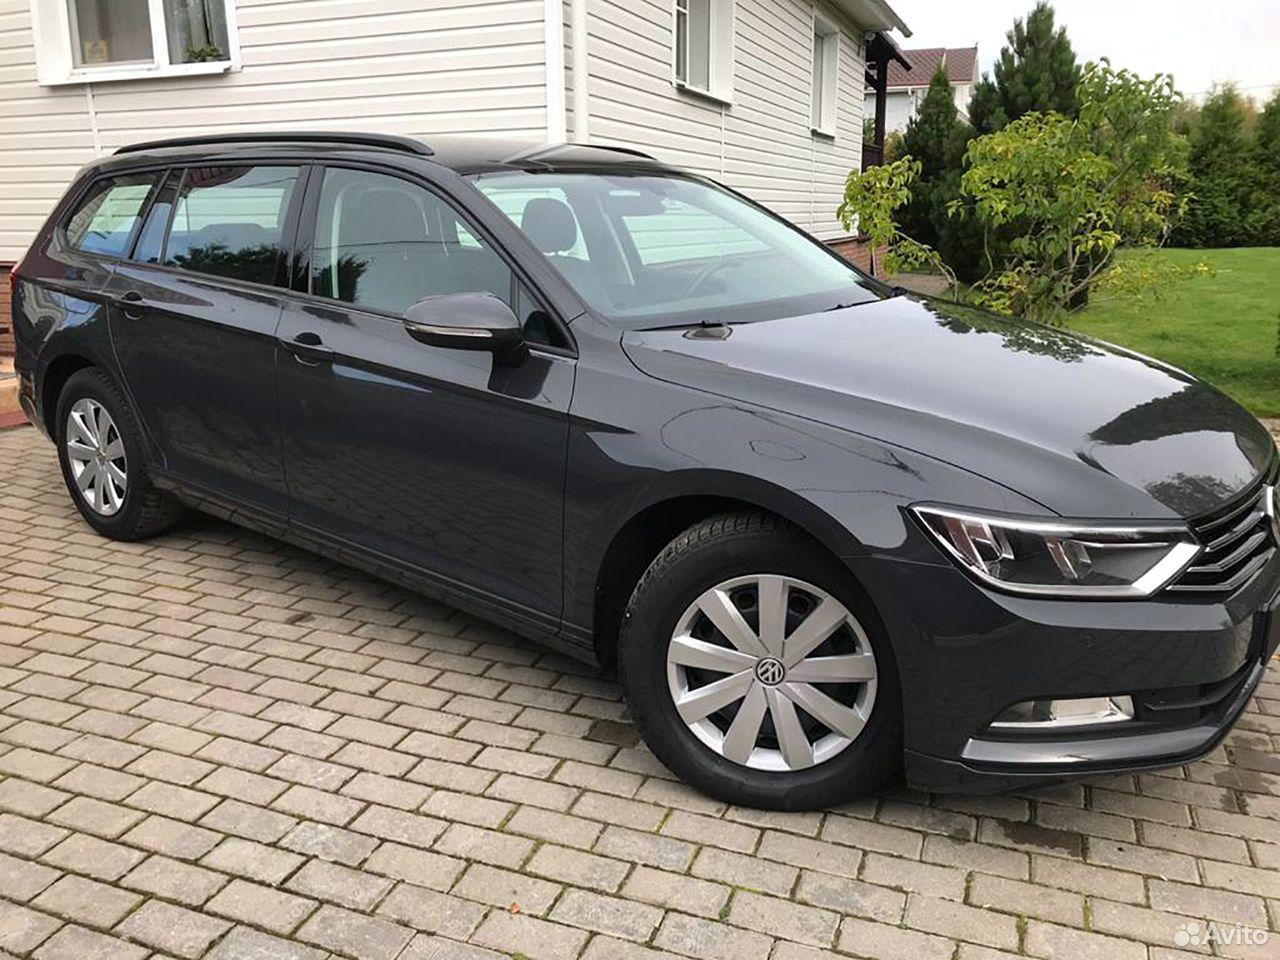 Volkswagen Passat, 2016  89388088366 купить 1